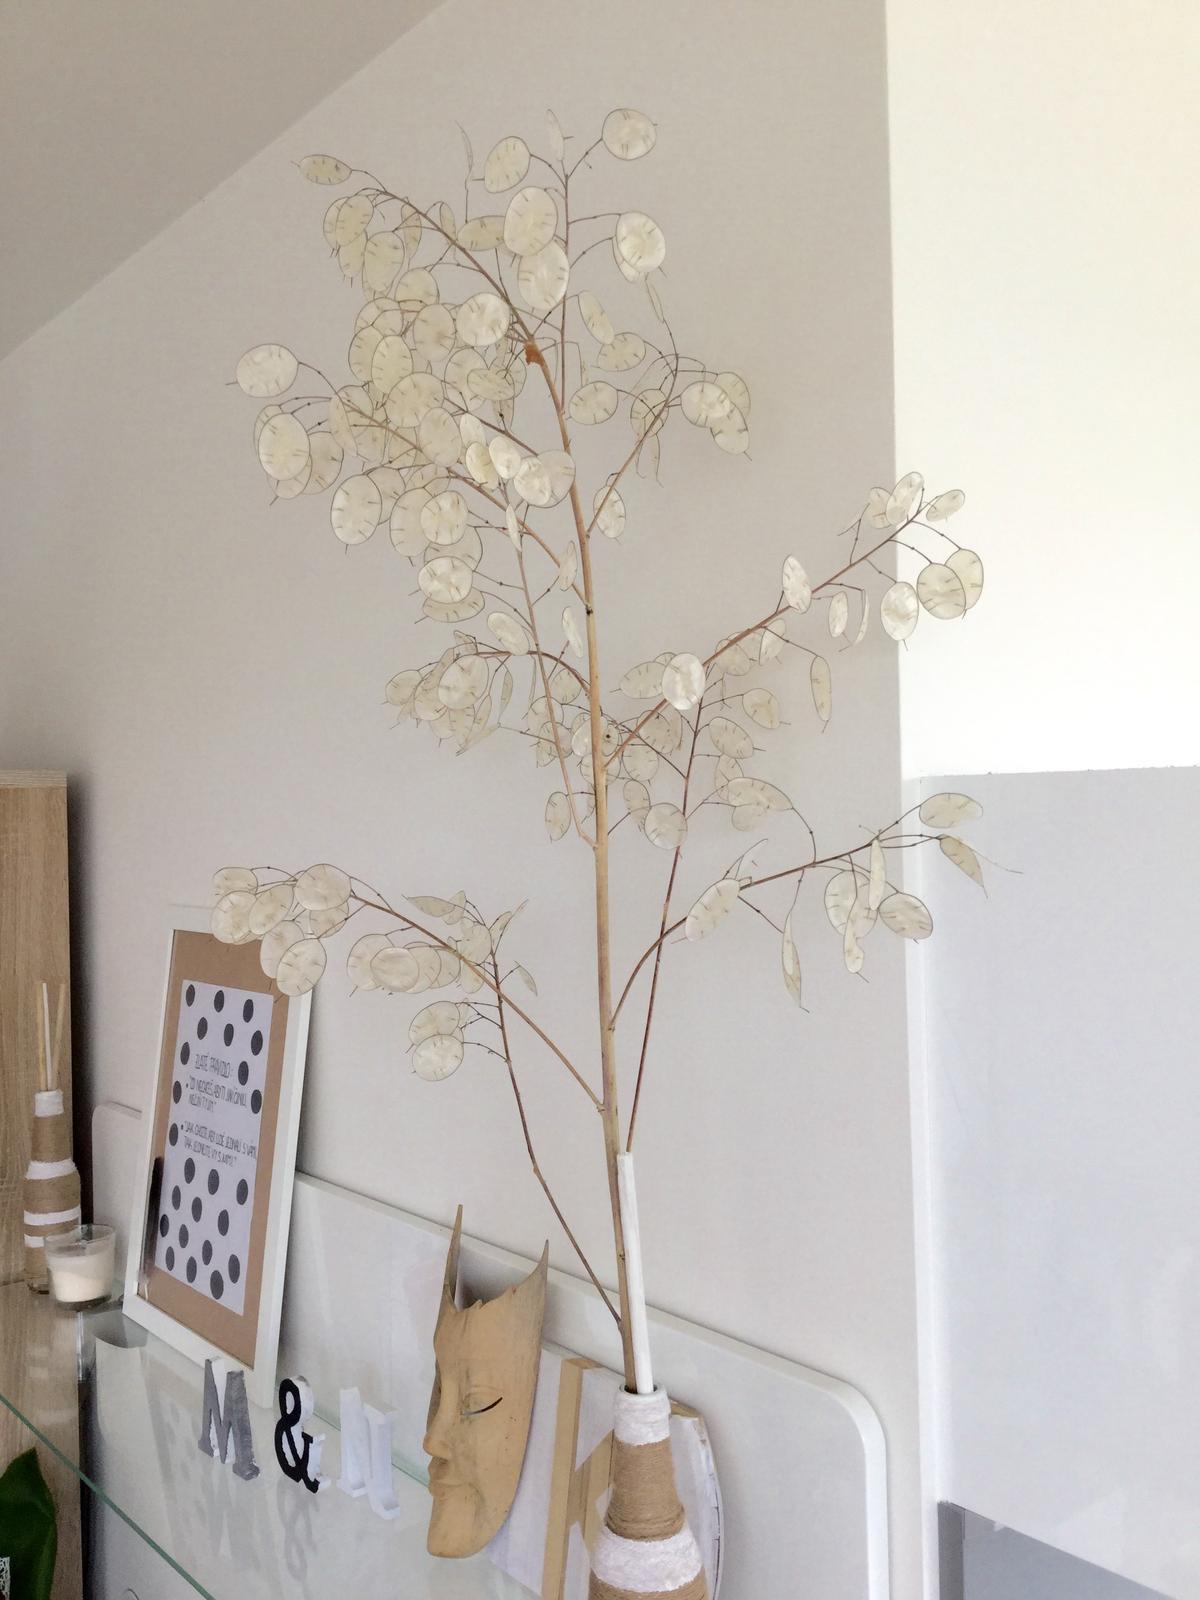 My lovely home 2+kk - Jak může udělat dekorace za 0 kč velikánskou radost :-)